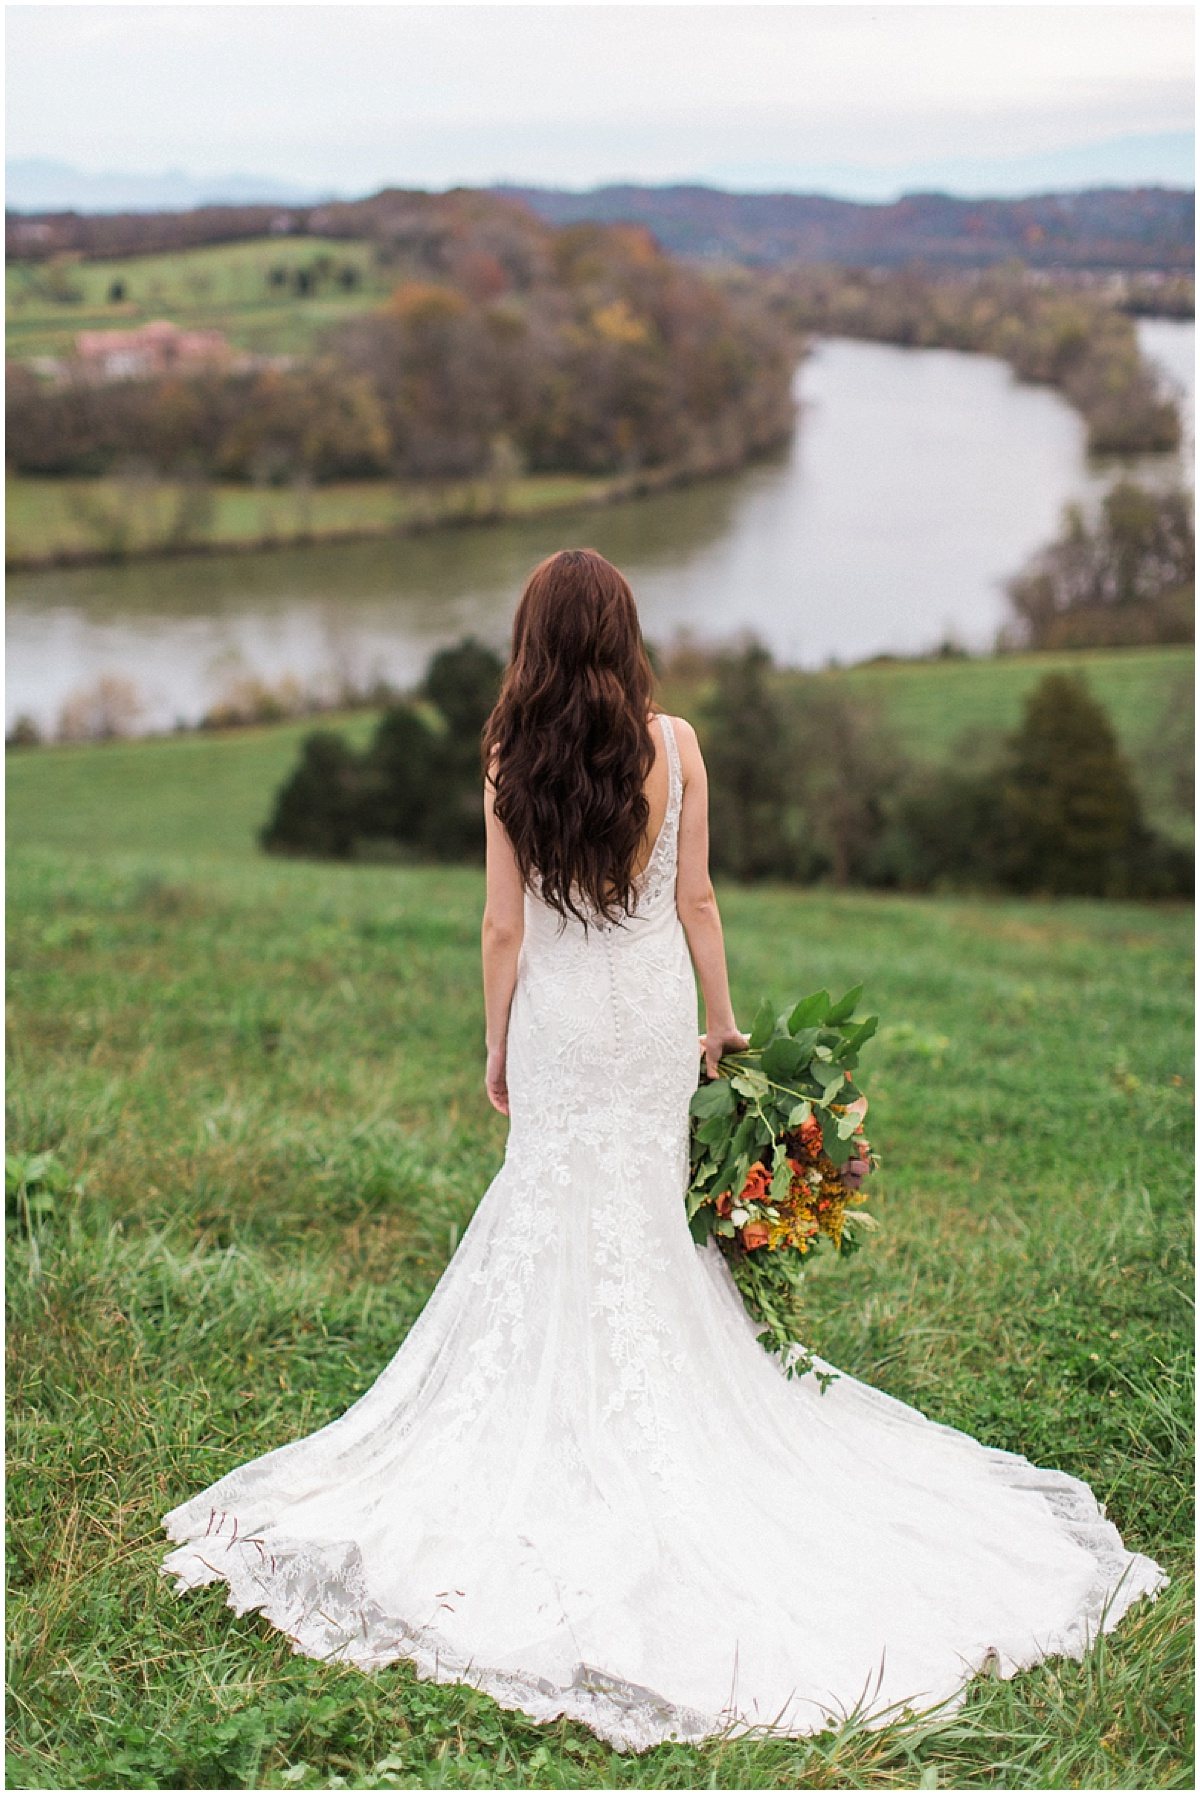 Abigail_Malone_Fall_Wedding_Film_Portra_400_Mountain_Views_Abby_Elizabeth-121.jpg